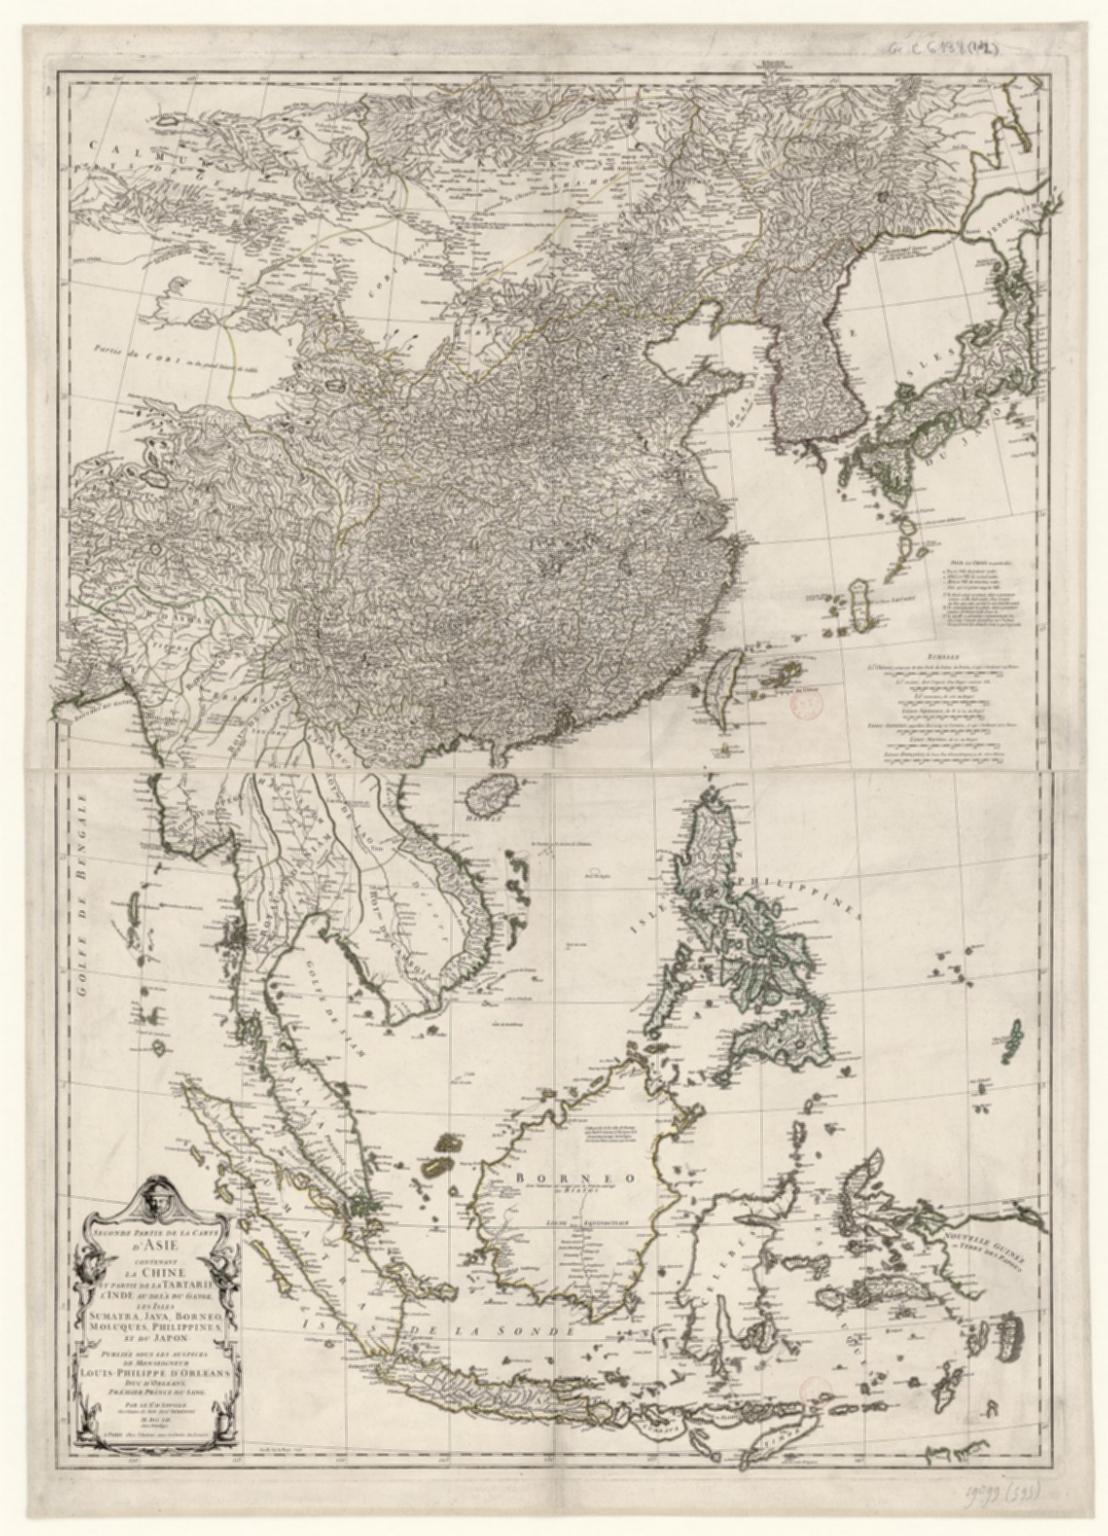 Seconde partie de la carte d'Asie : contenant la Chine, et partie de la Tartarie, l'Inde au delà du Gange, les Isles Sumatra, Java, Borneo, Moluques, Philippines et du Japon. Publiée sous les auspices de Monseigneur Louis-Philippe D'Orléans, Duc D'Orléans, prémier Prince du Sang